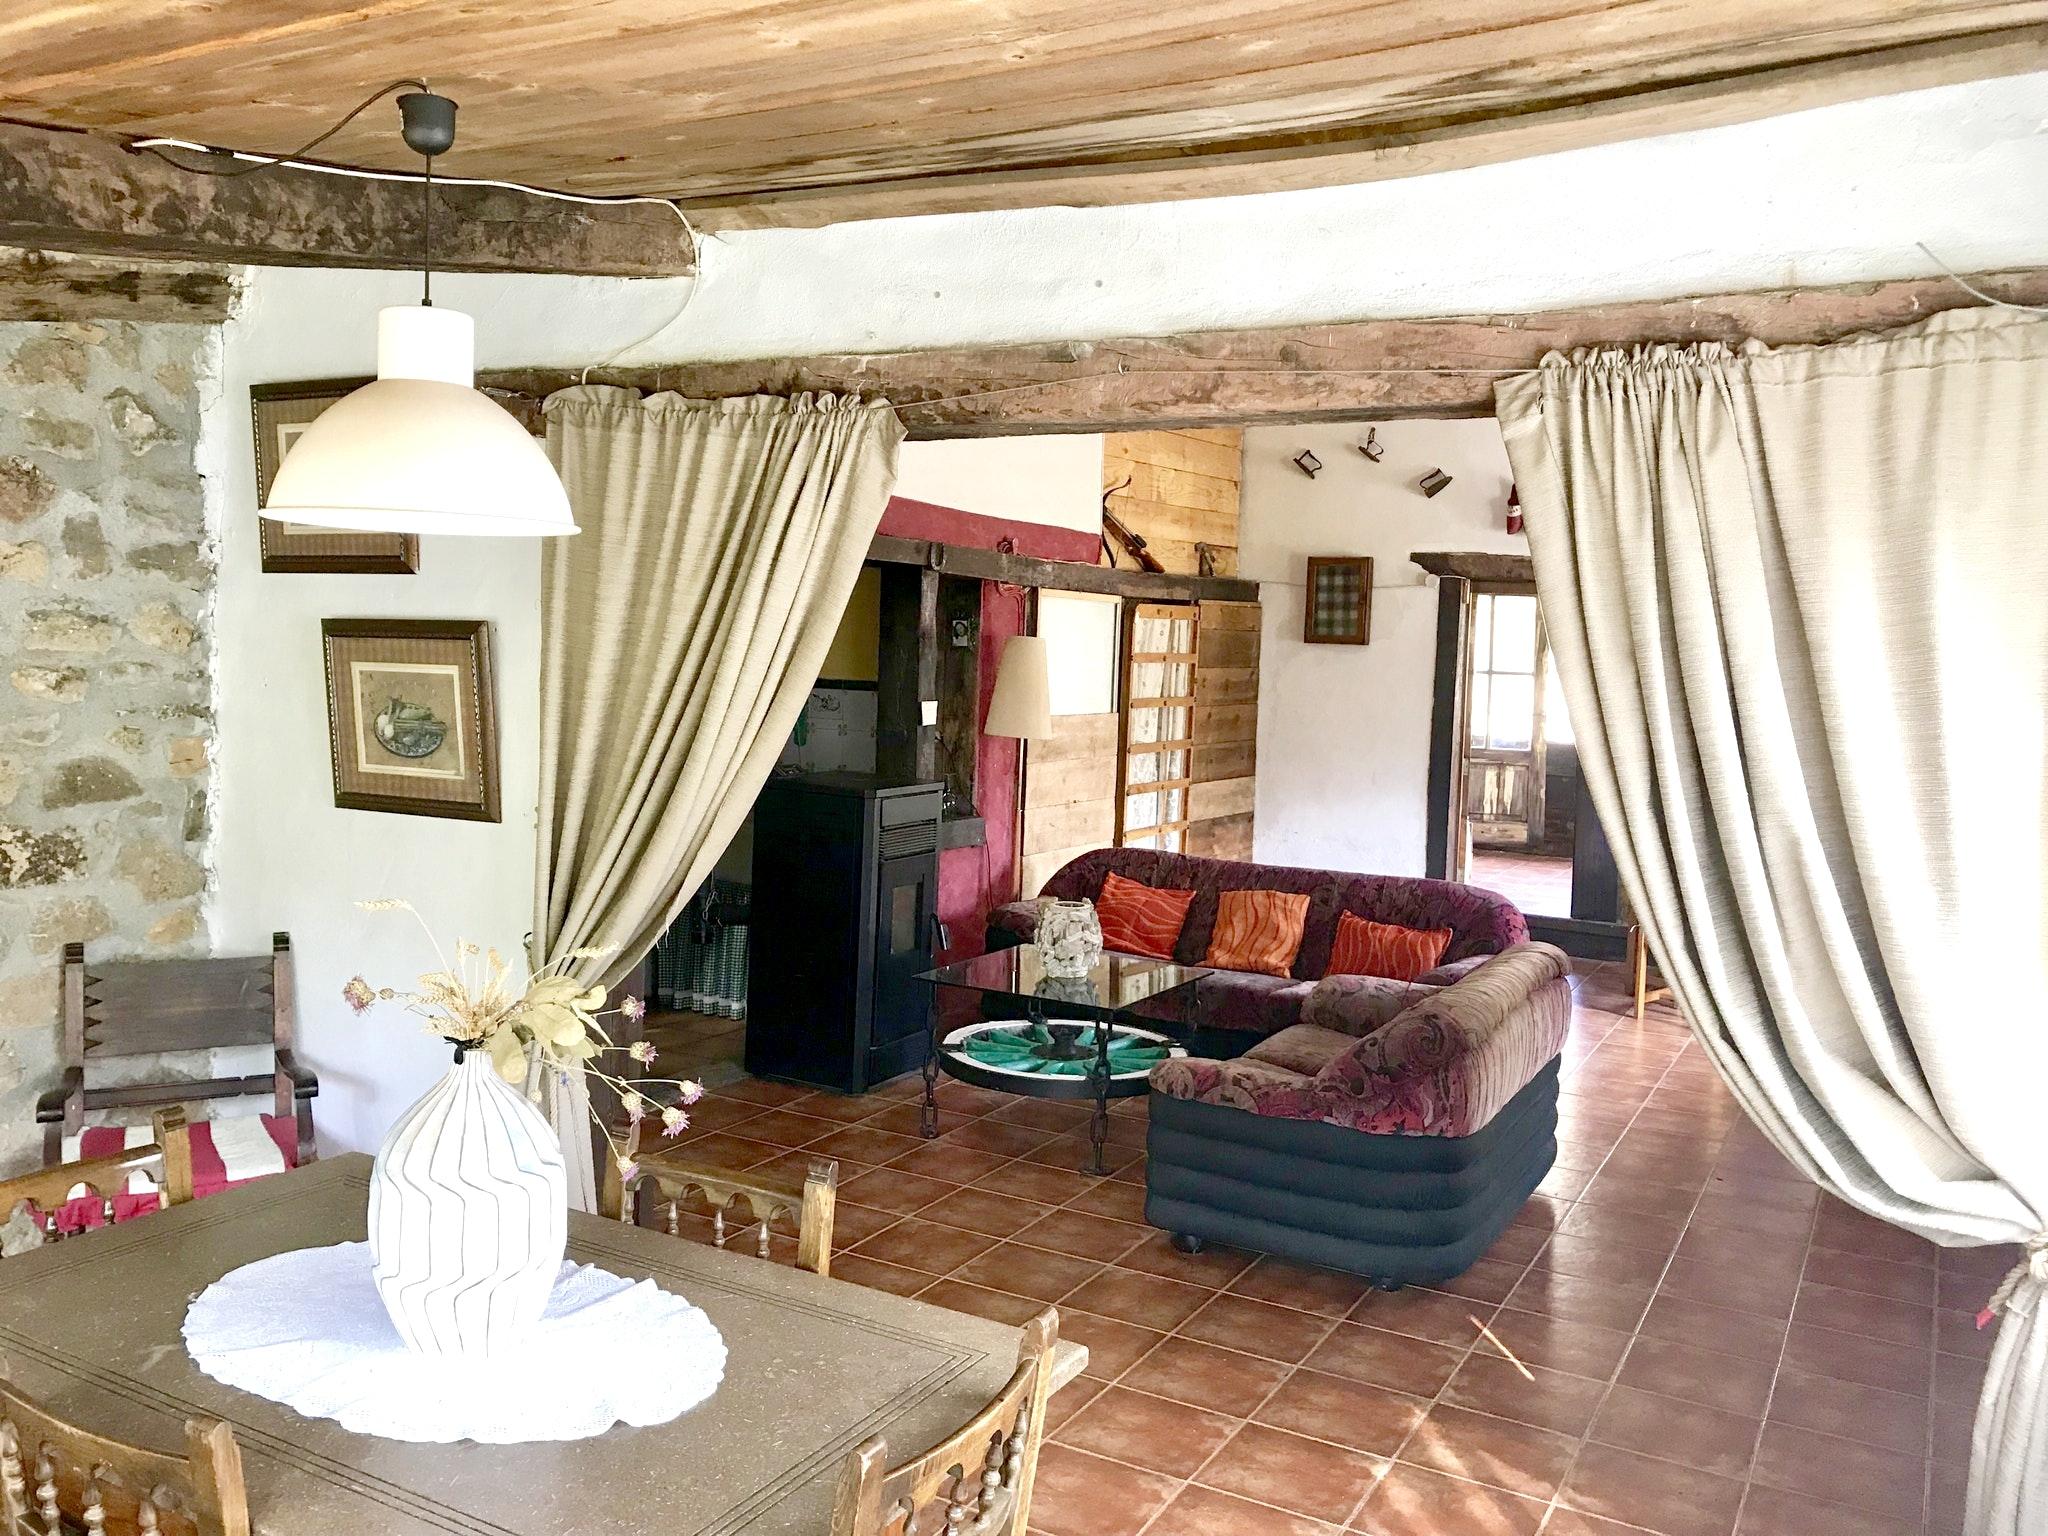 Maison de vacances Hütte mit 4 Schlafzimmern in Camarena de la Sierra mit toller Aussicht auf die Berge, priv (2474258), Camarena de la Sierra, Teruel, Aragon, Espagne, image 2